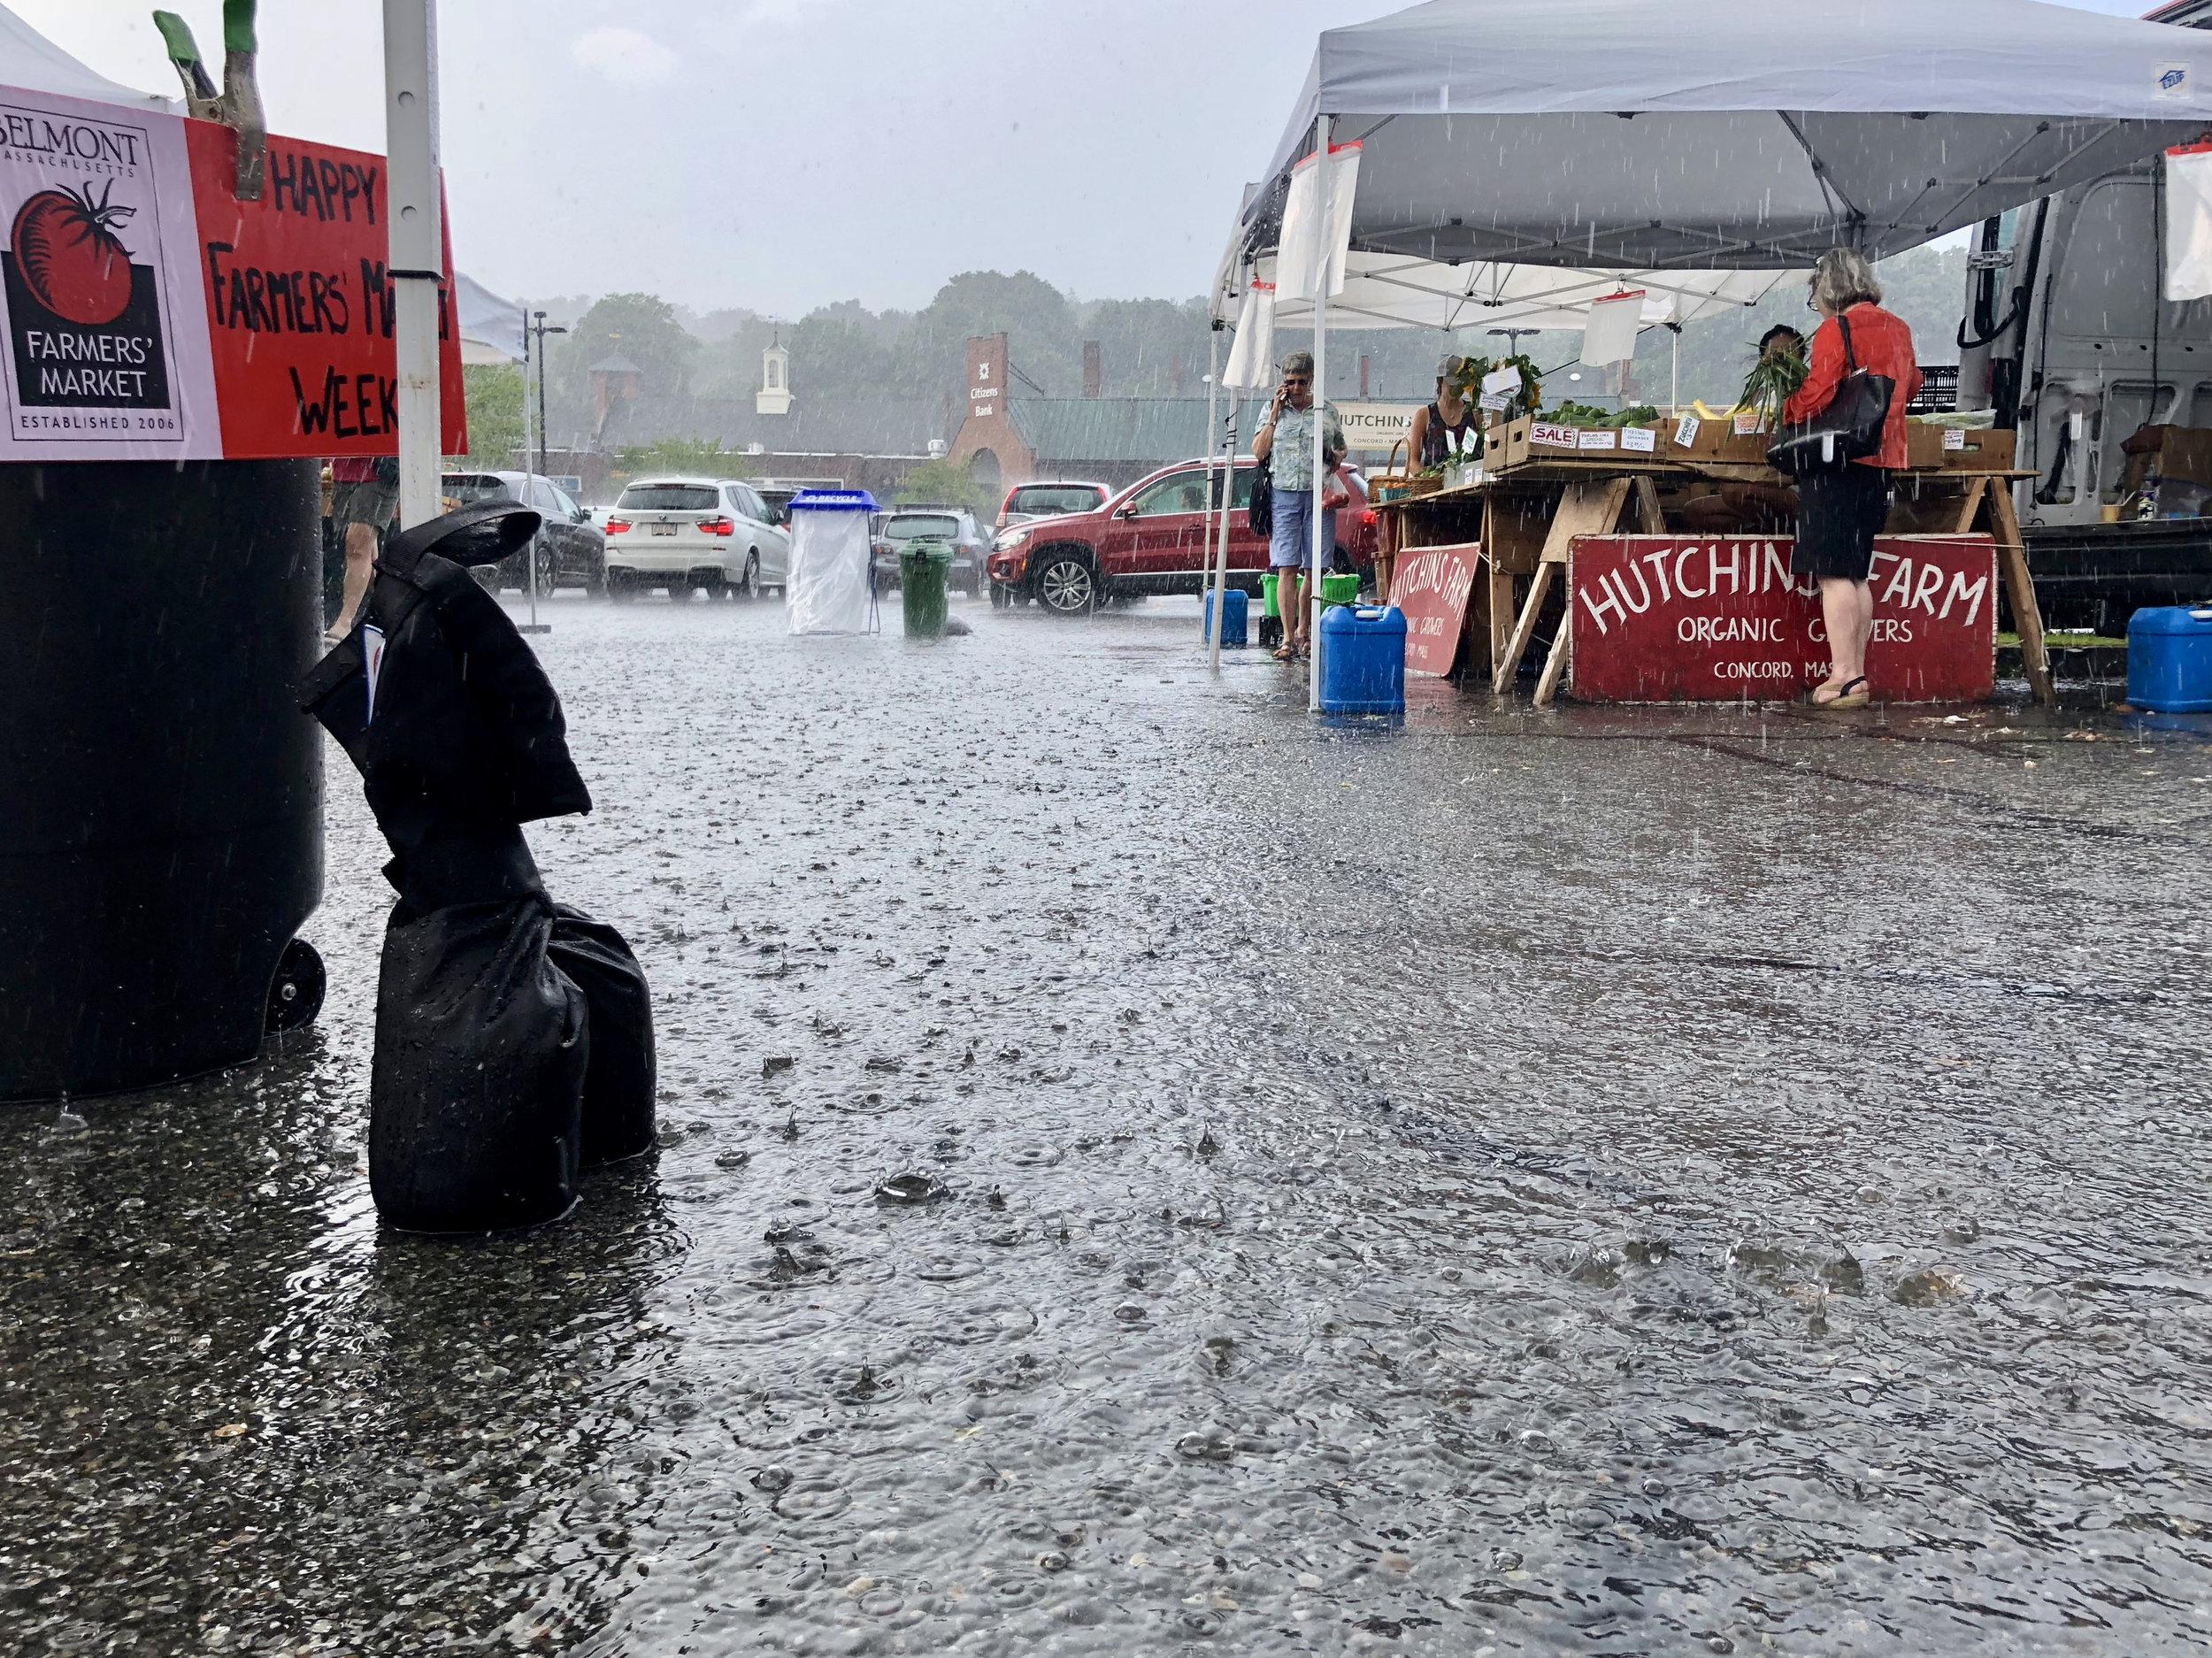 Farmers' Market Week 2018 - rain (1).jpg